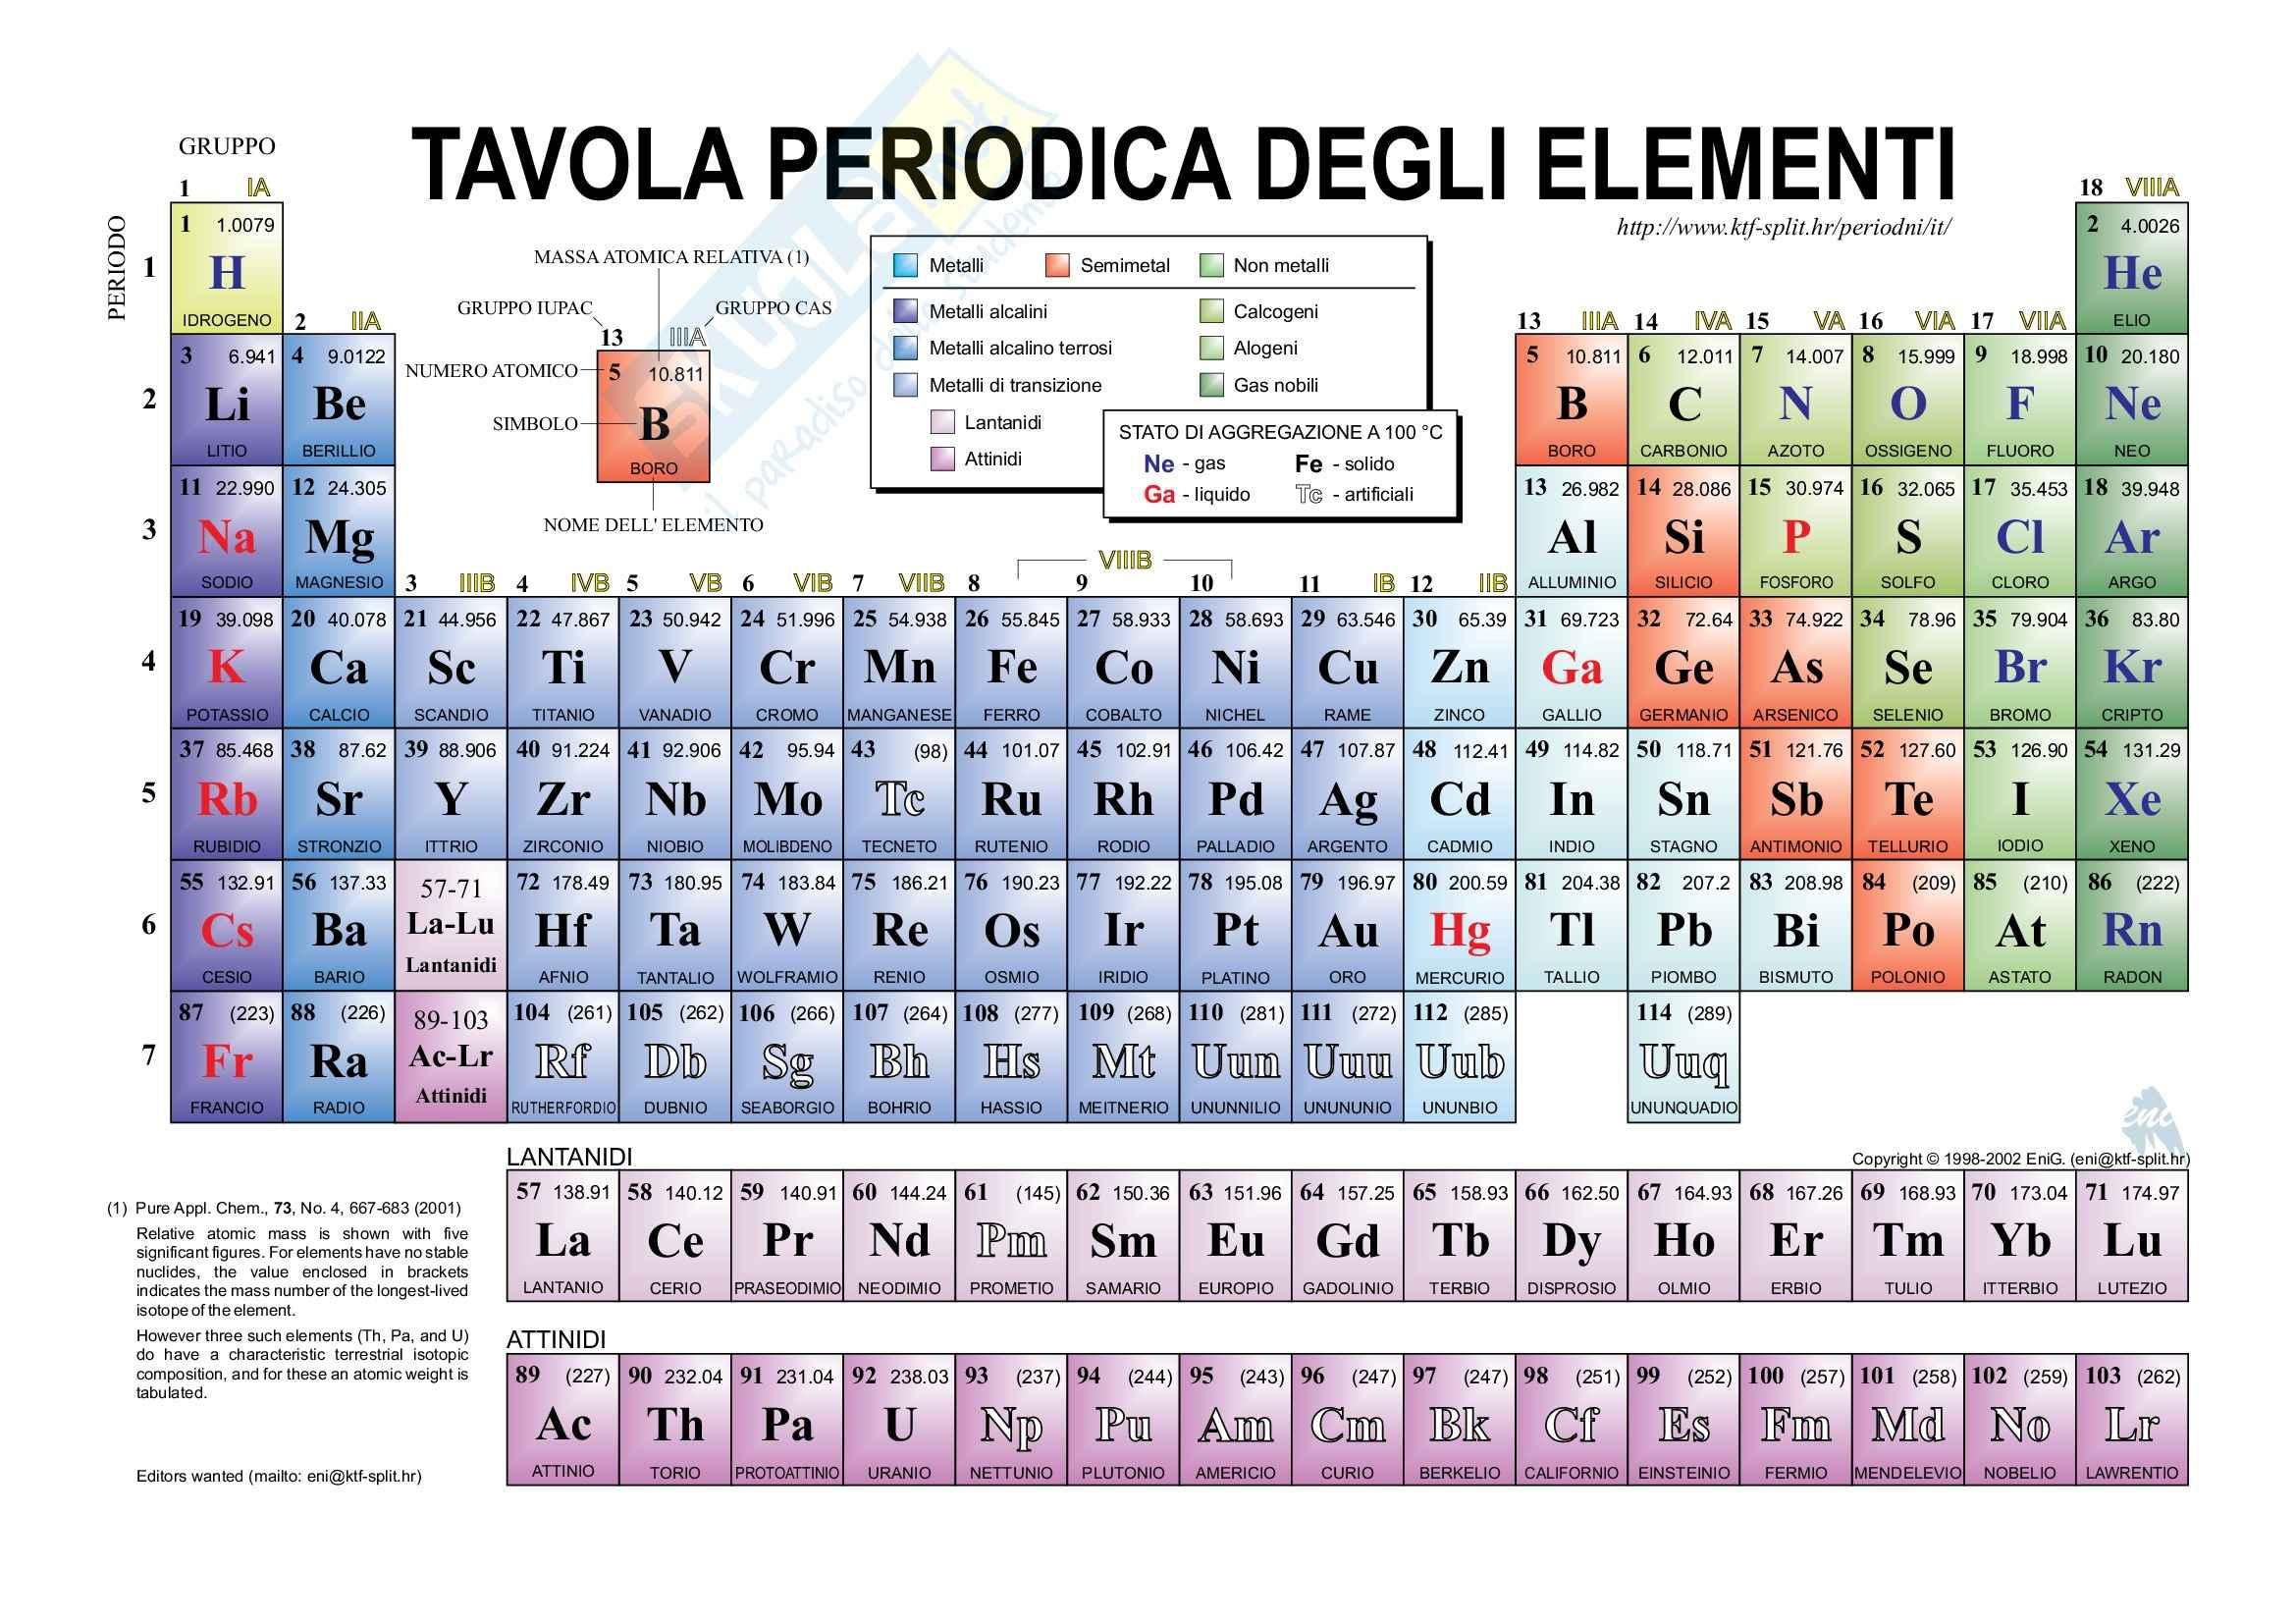 Chimica generale - la tavola periodica degli elementi